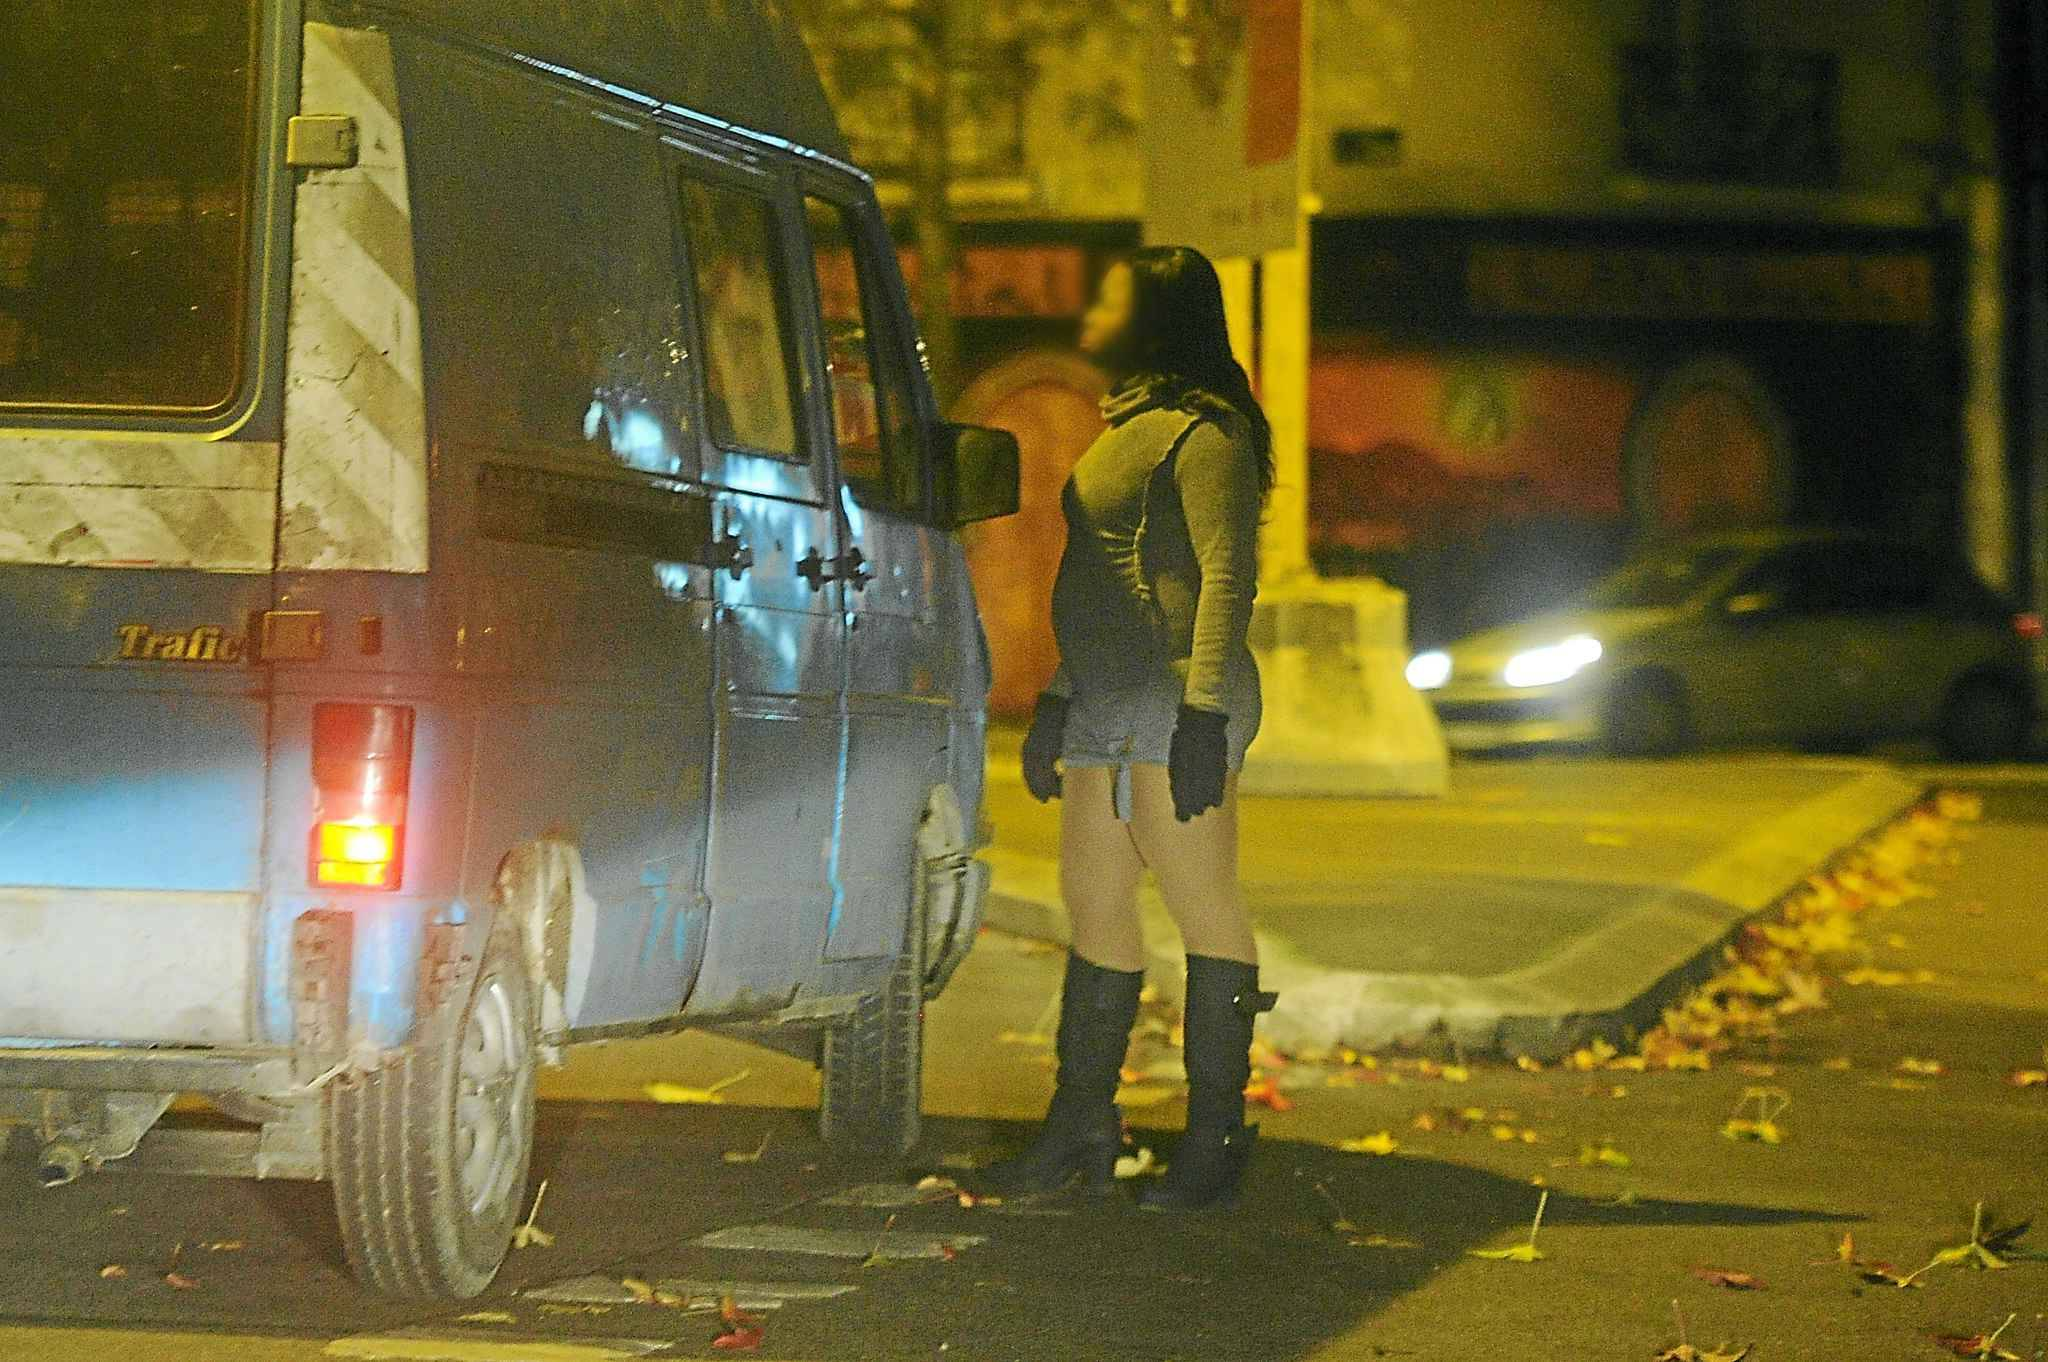 Les prostituées a caen 2012